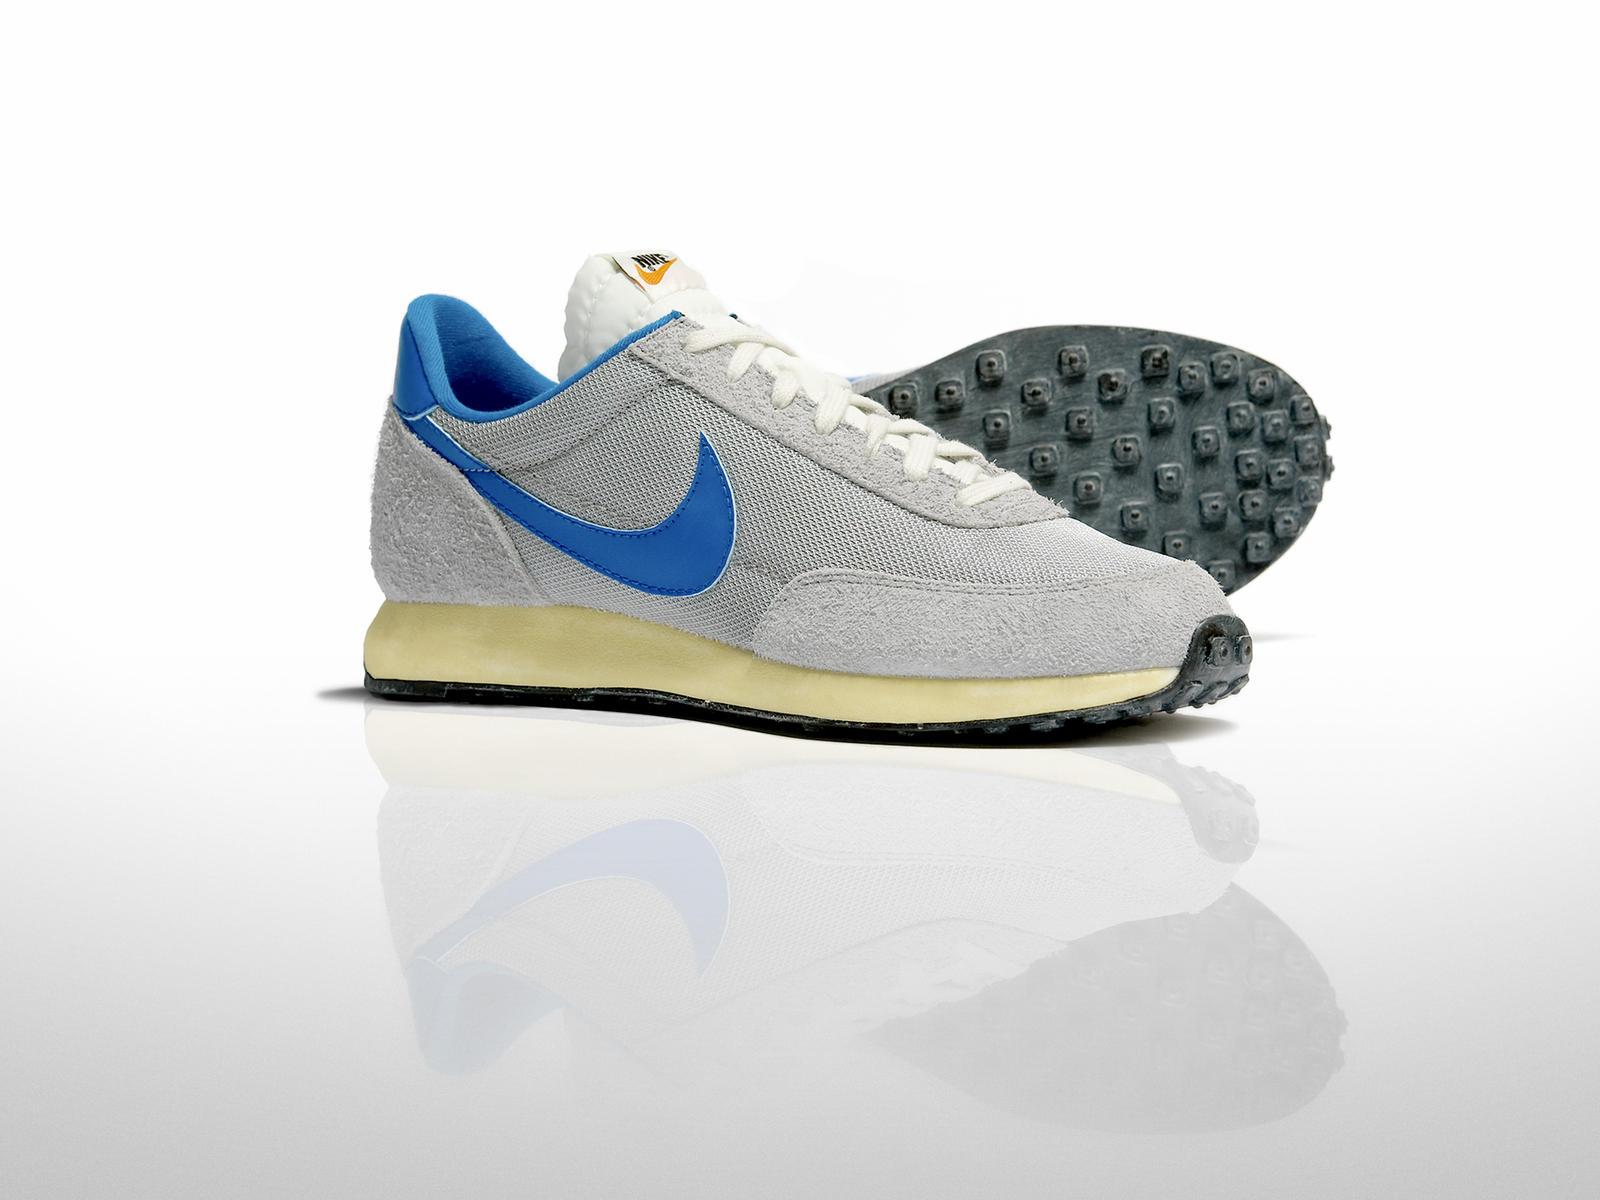 Nike Tailwind Shoes